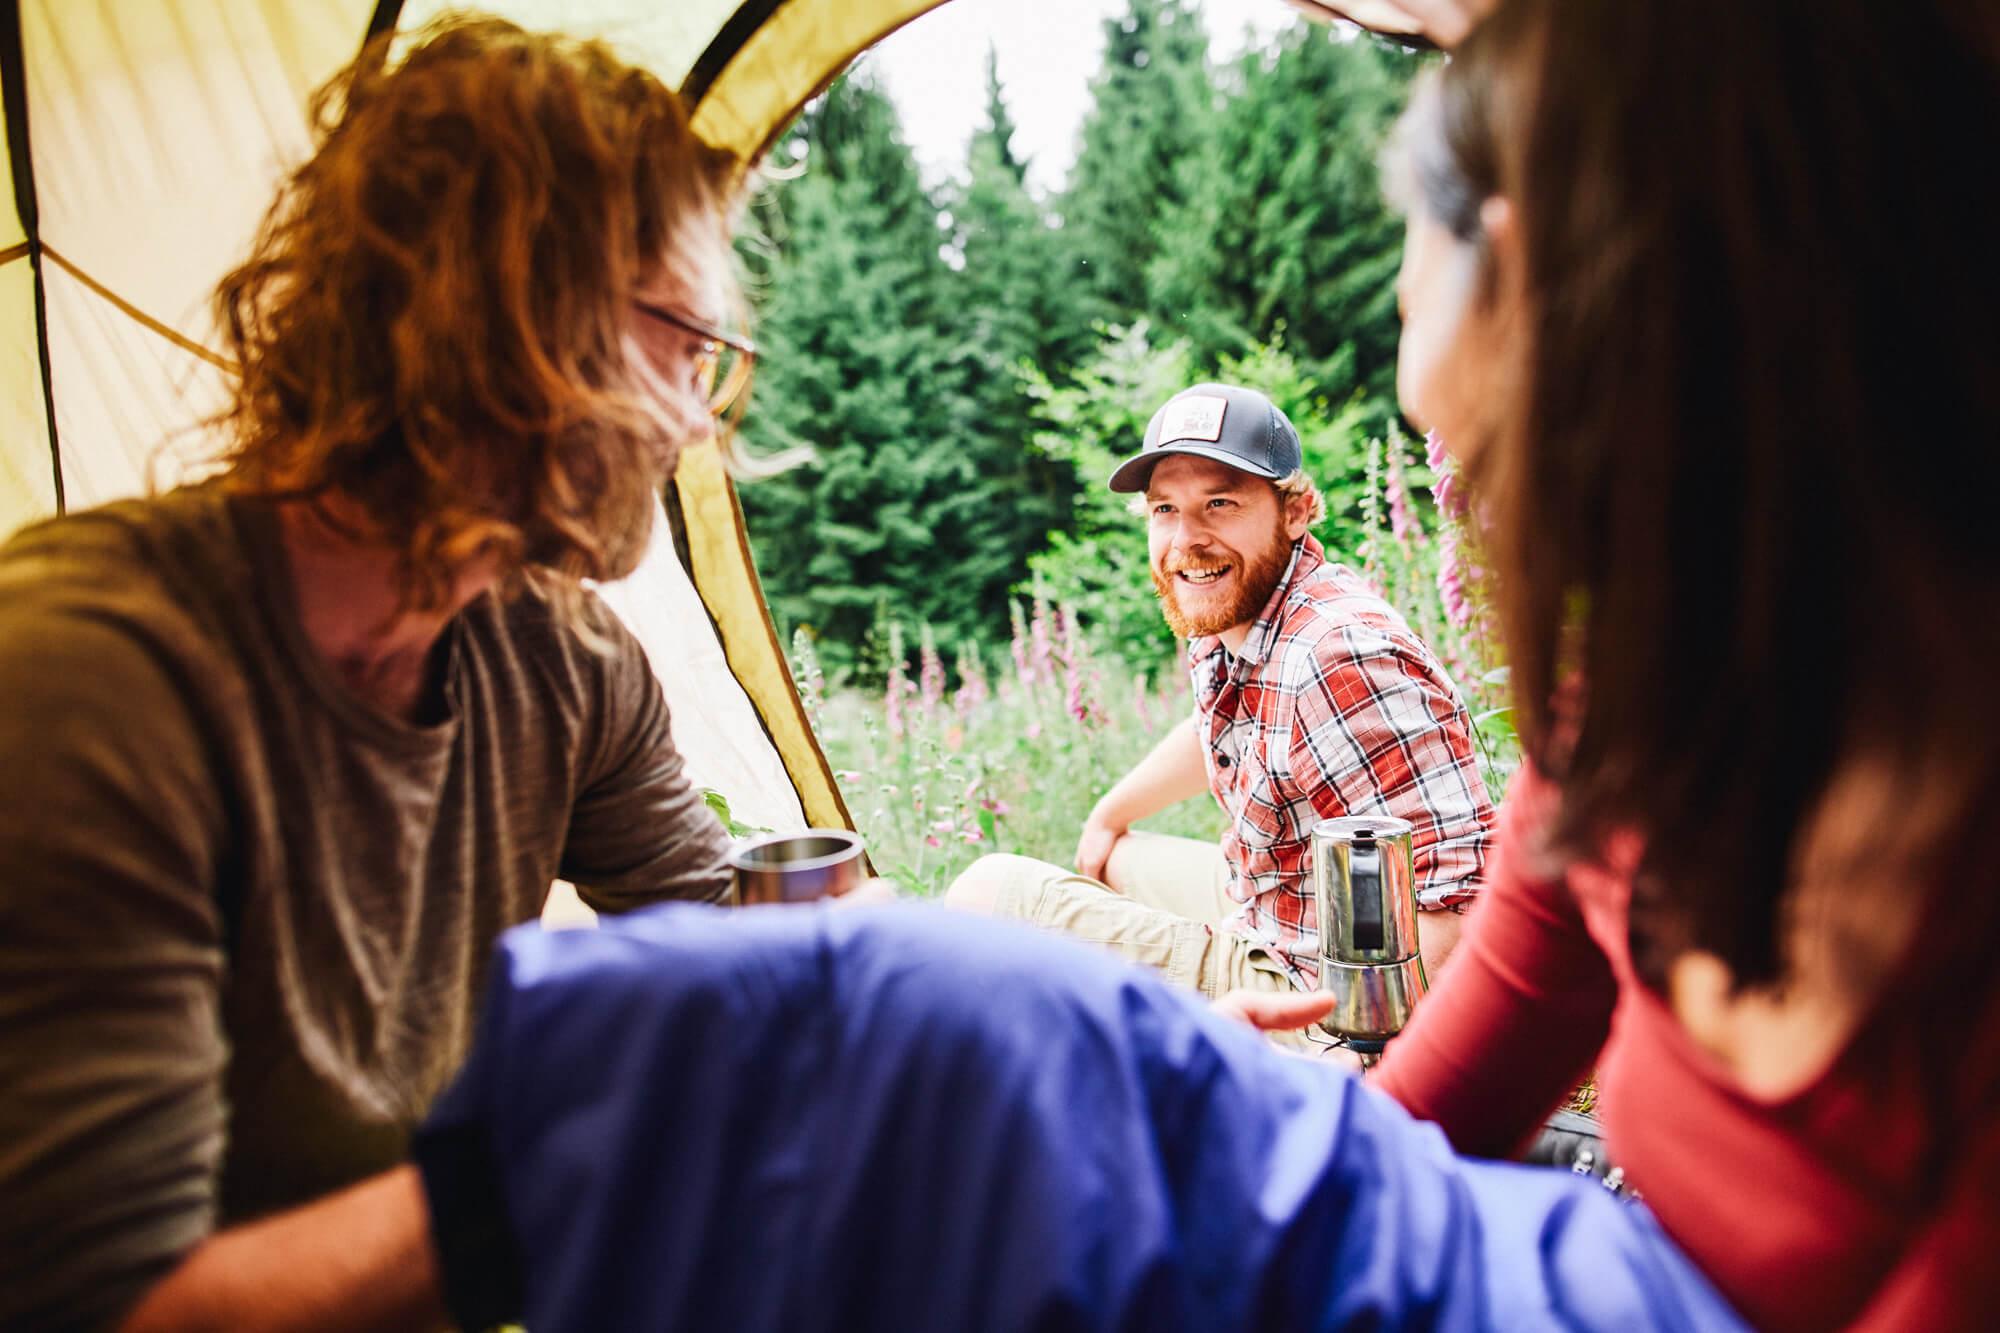 Trekking Deutschland: Camp auf dem Soonwaldsteig